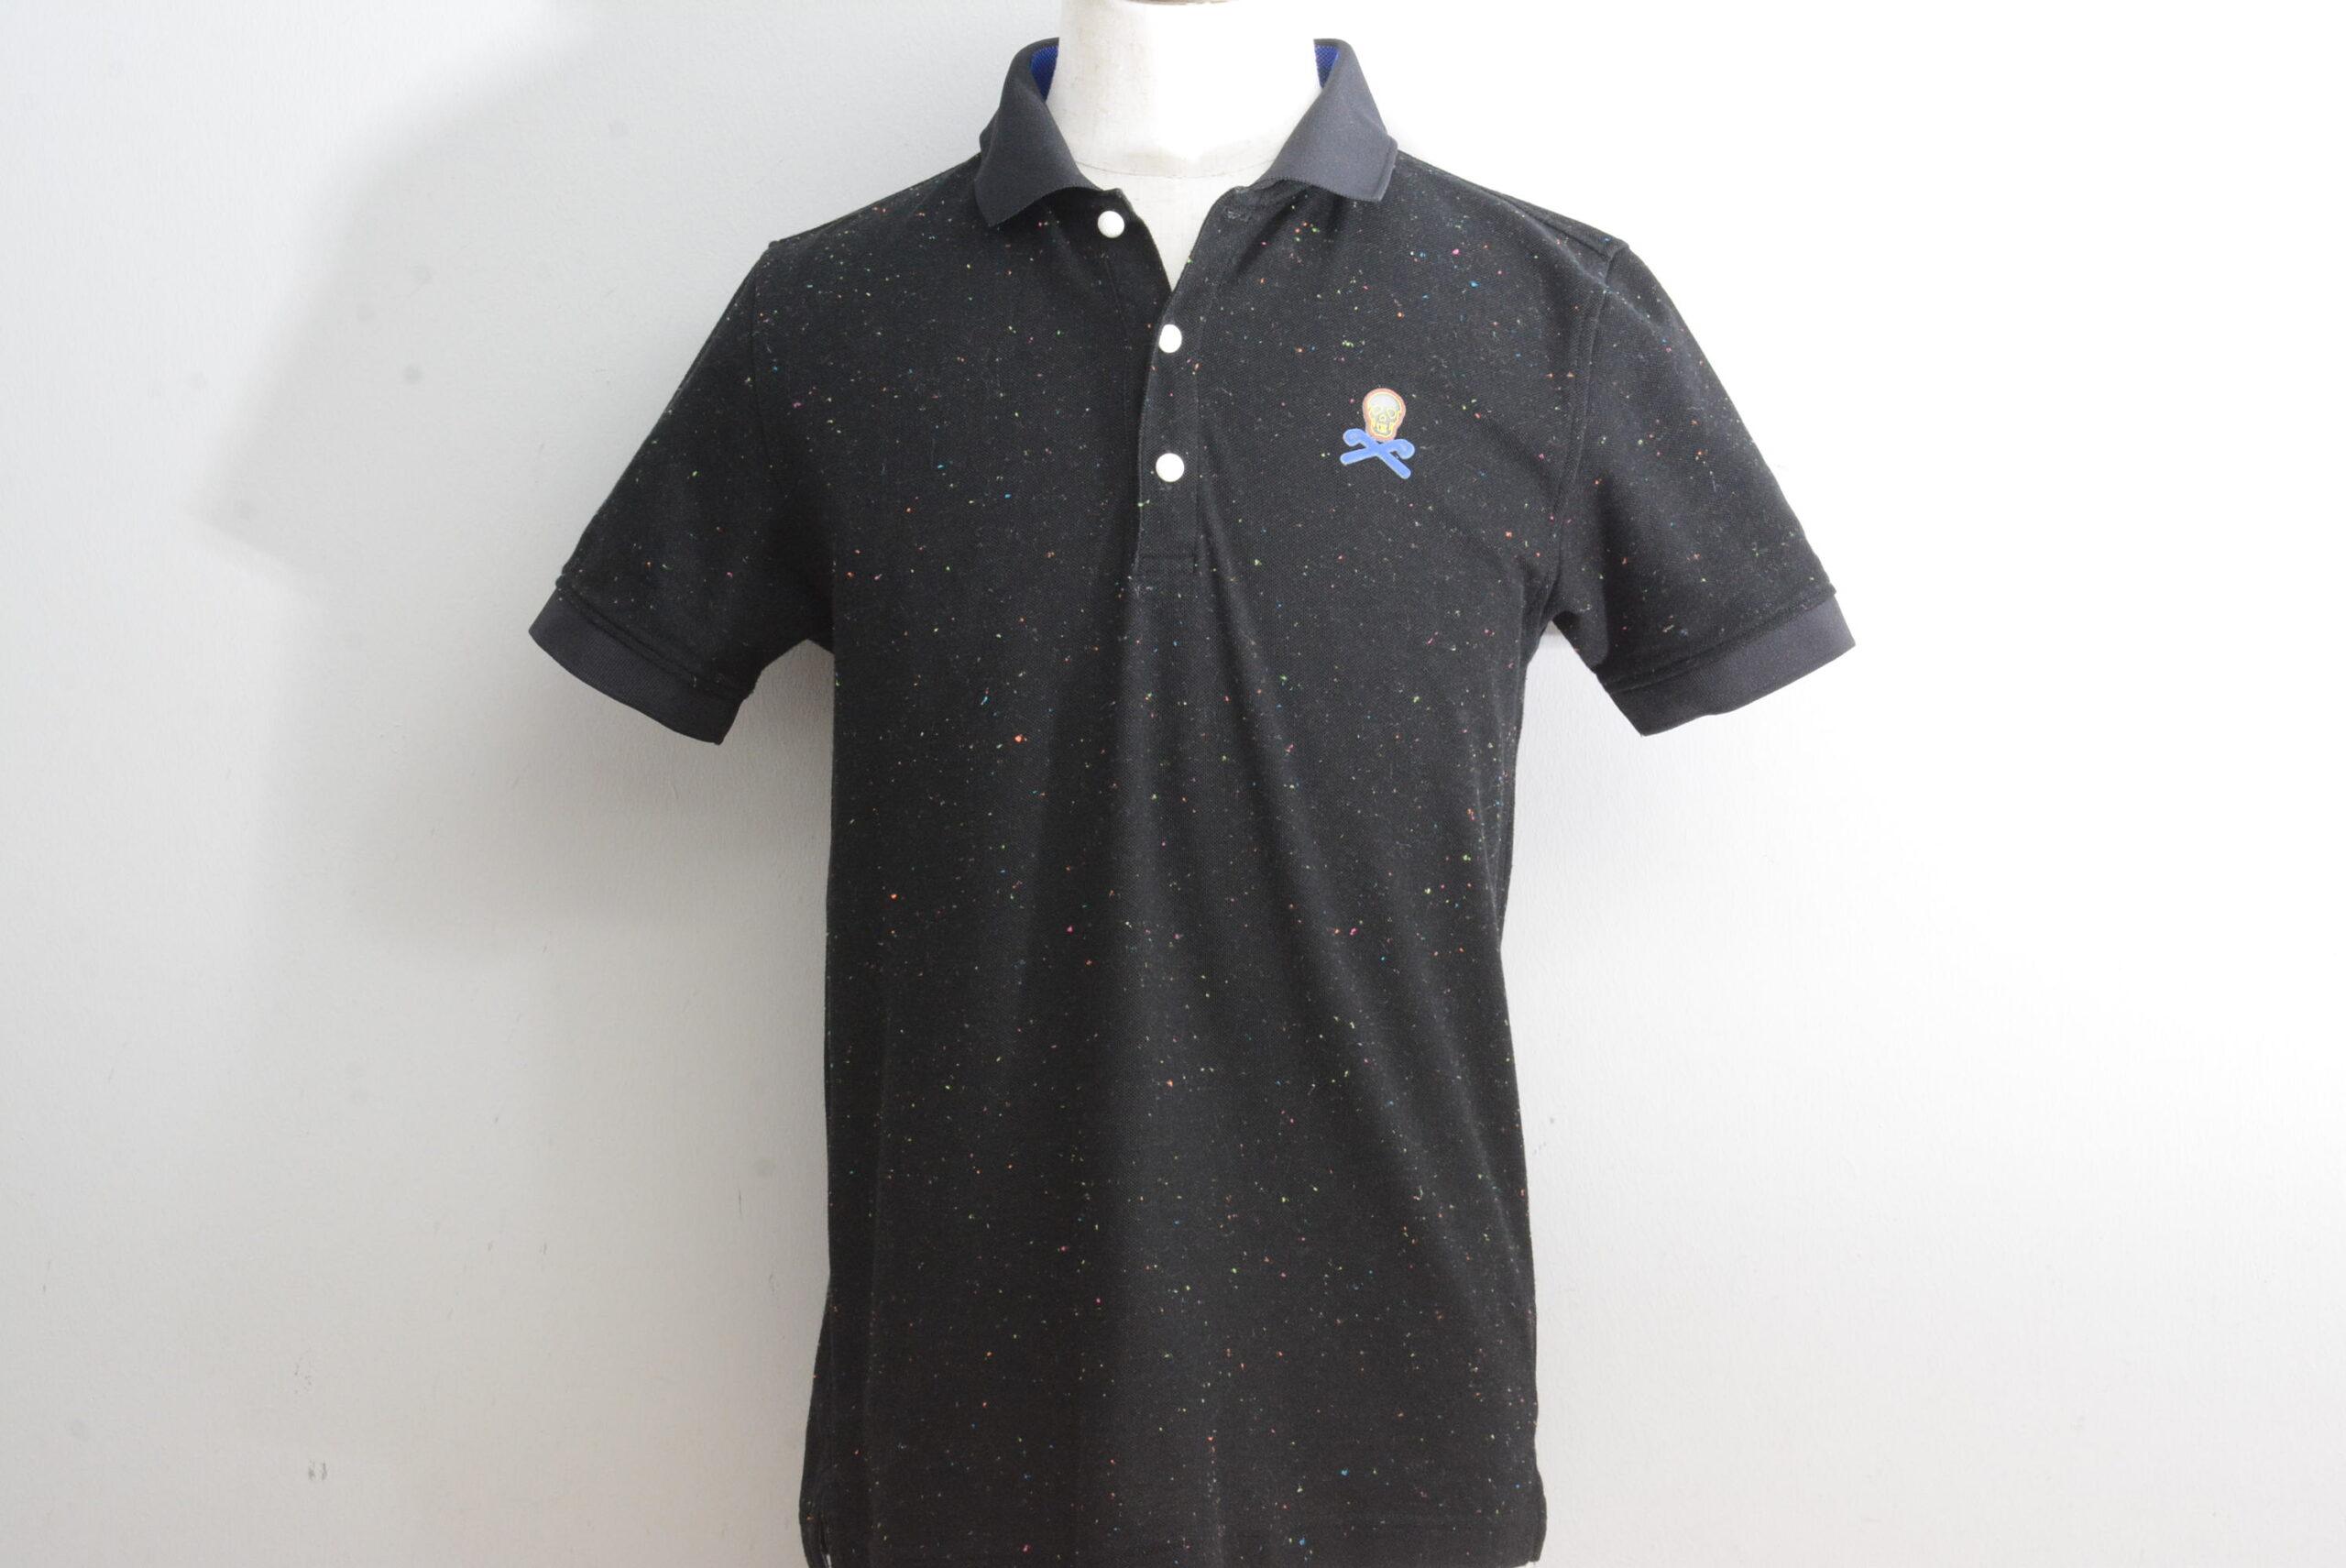 マークアンドロナ メンズ ポロシャツ ブラック Mサイズ